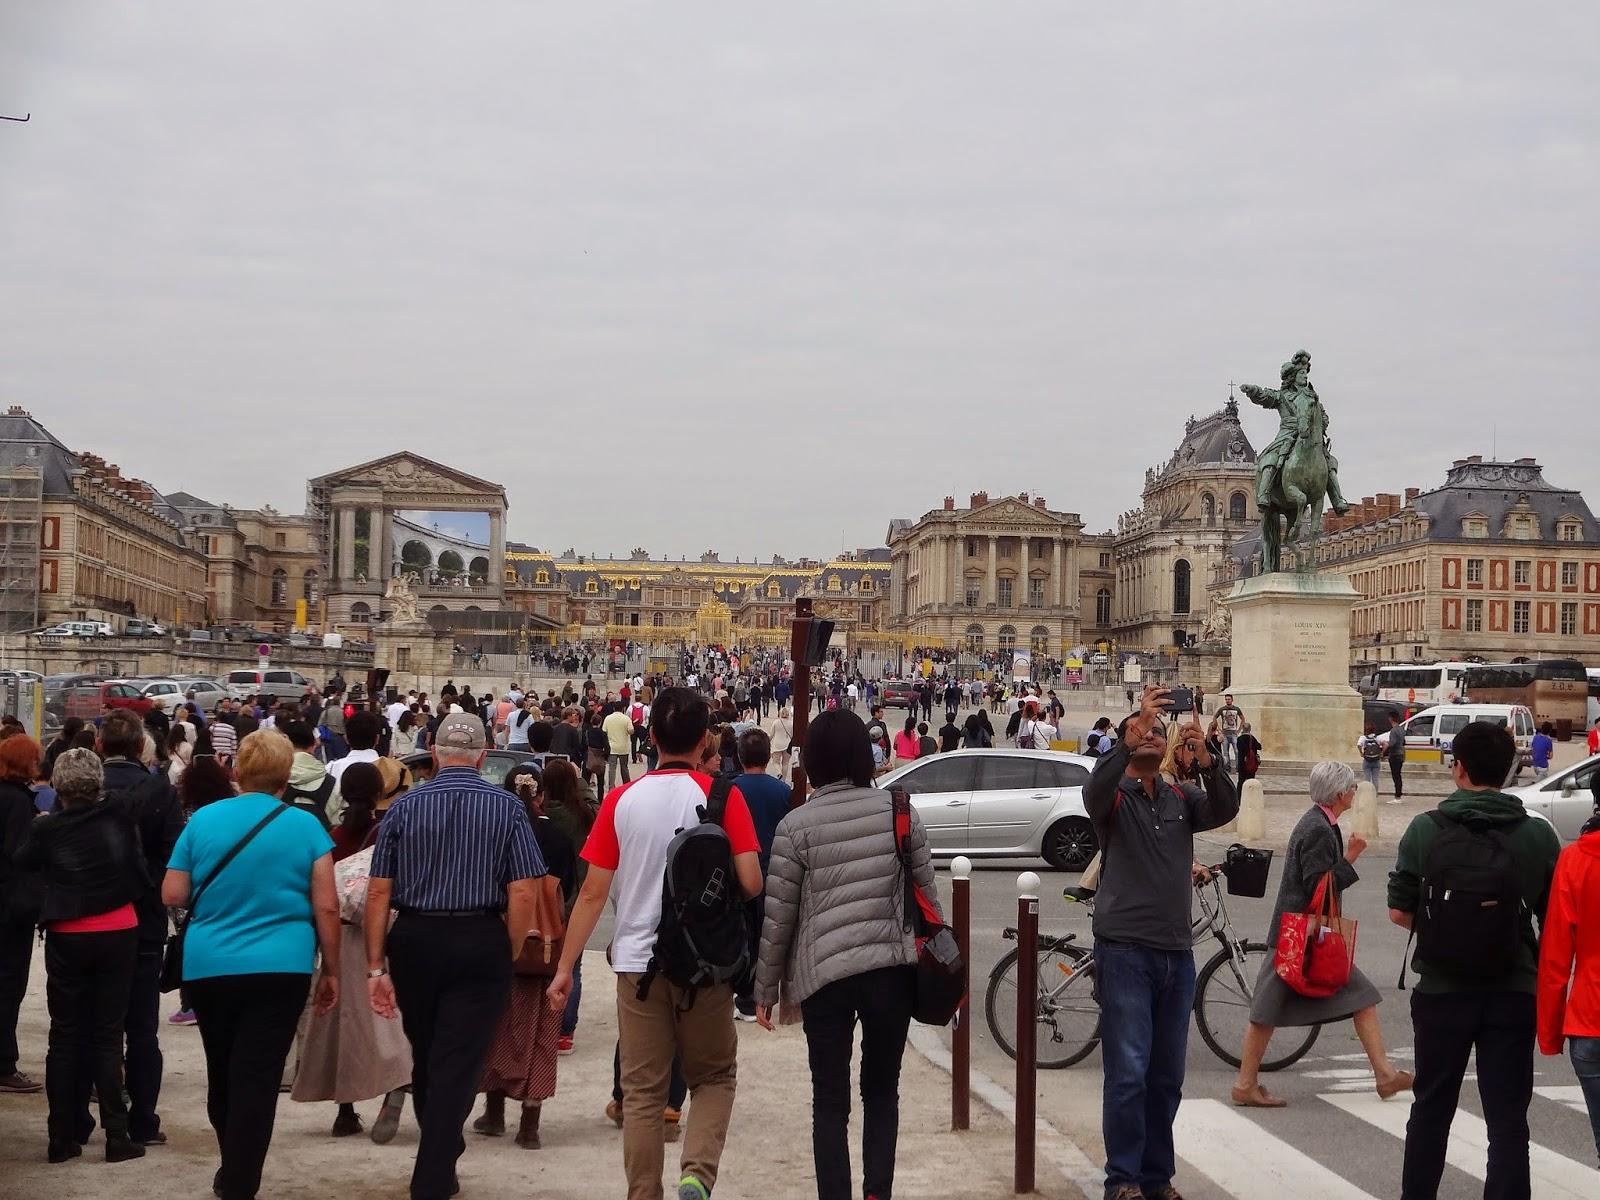 Chegada ao Palácio de Versalhes